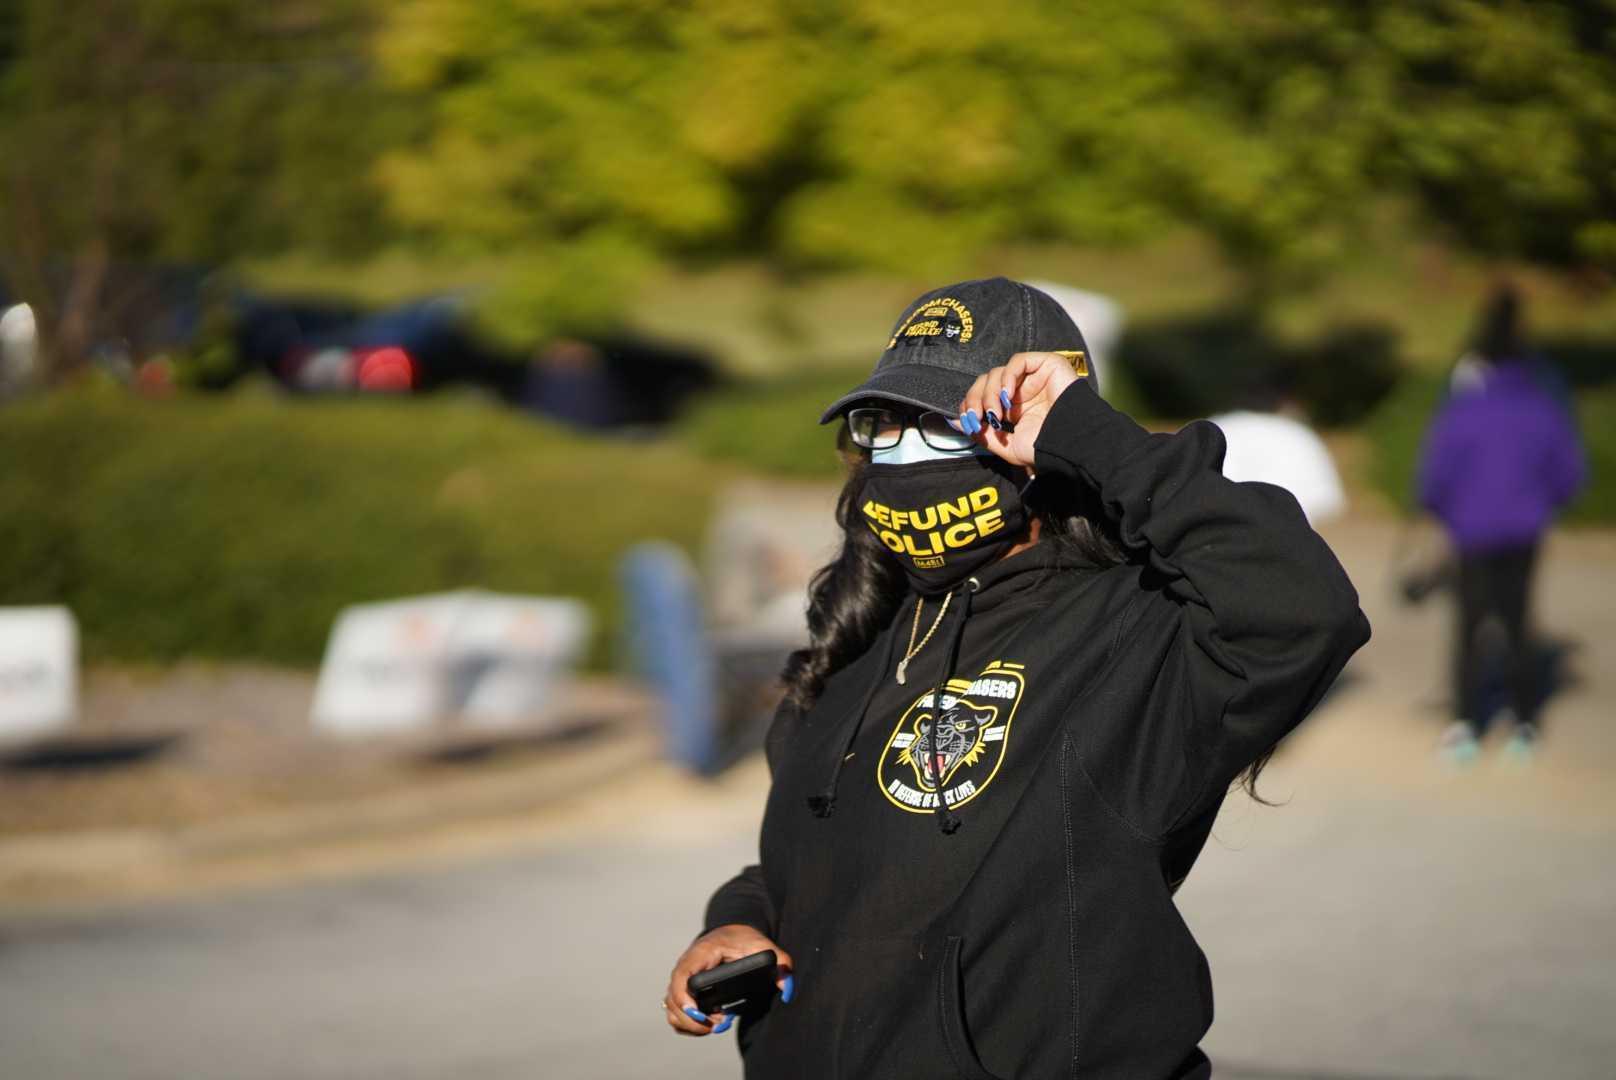 Правоохранительница в Атланте